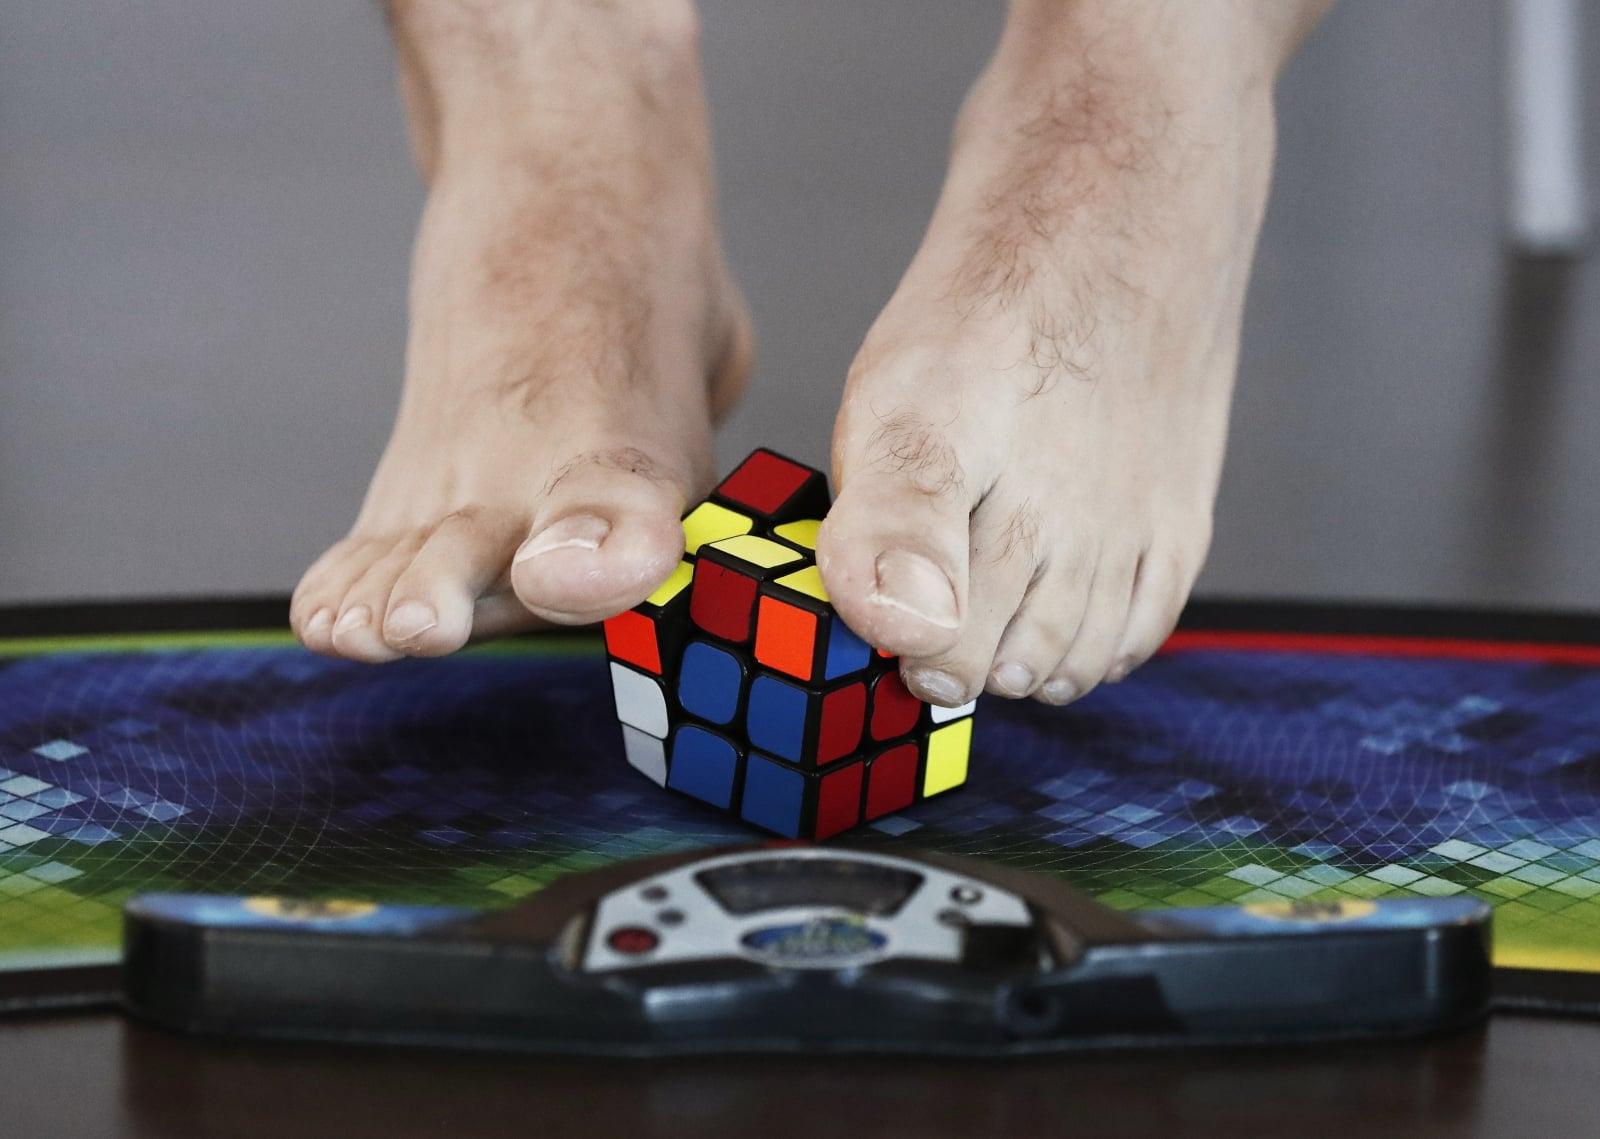 Mężczyzna układający stopami kostkę Rubika podczas 15. edycji Narodowego Konkursu Rubika w Pampelunie, Hiszpania, fot. EPA/JDIGES